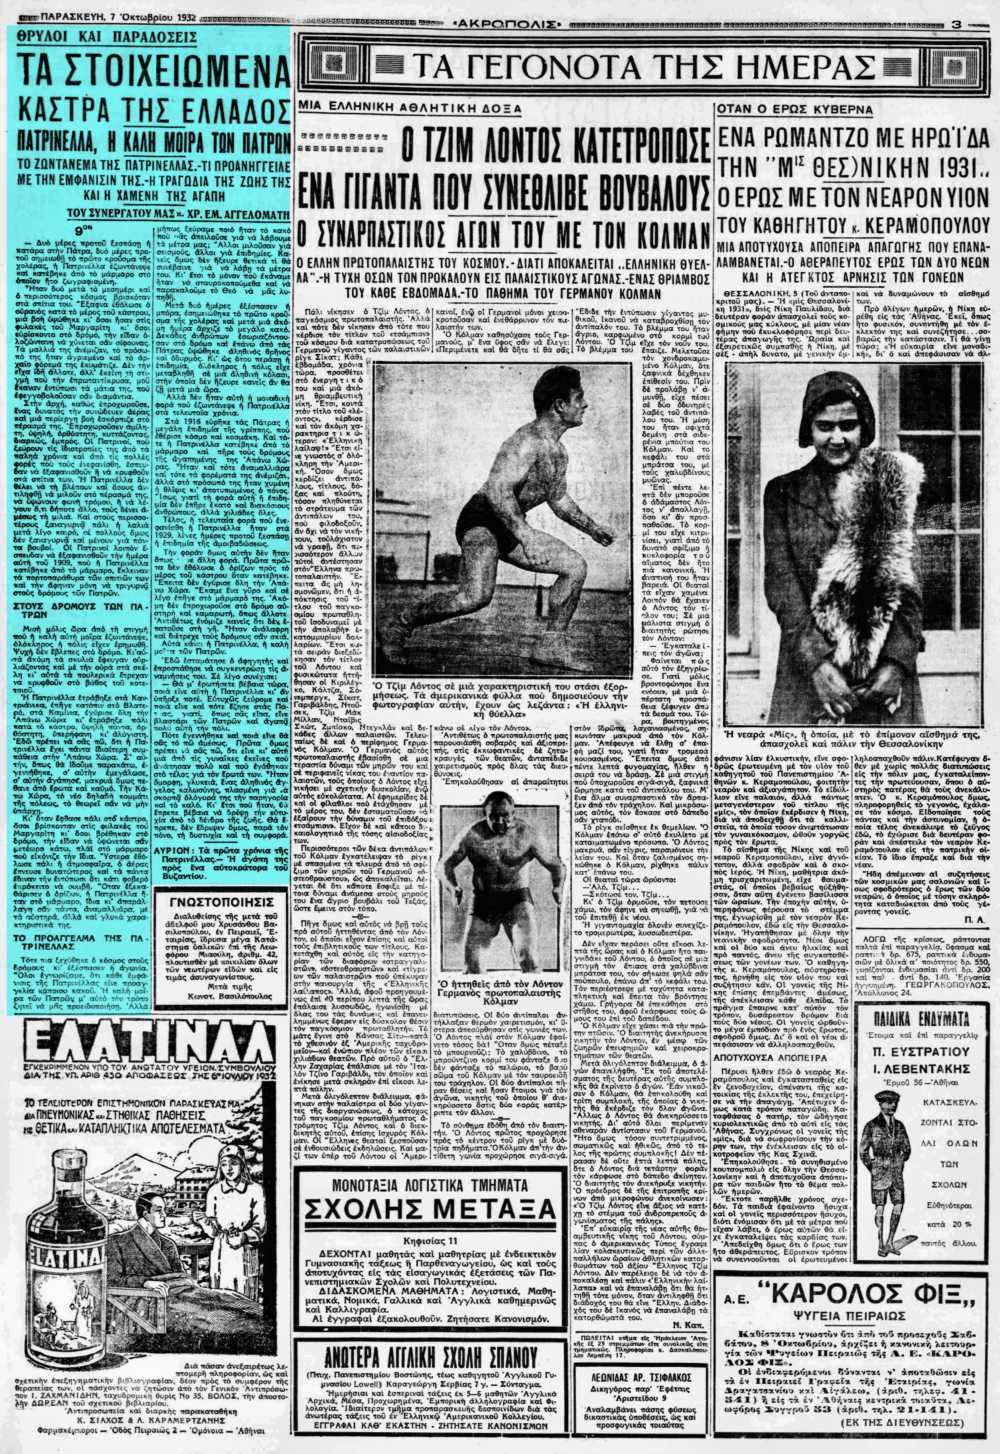 """Το άρθρο, όπως δημοσιεύθηκε στην εφημερίδα """"ΑΚΡΟΠΟΛΙΣ"""", στις 07/10/1932"""